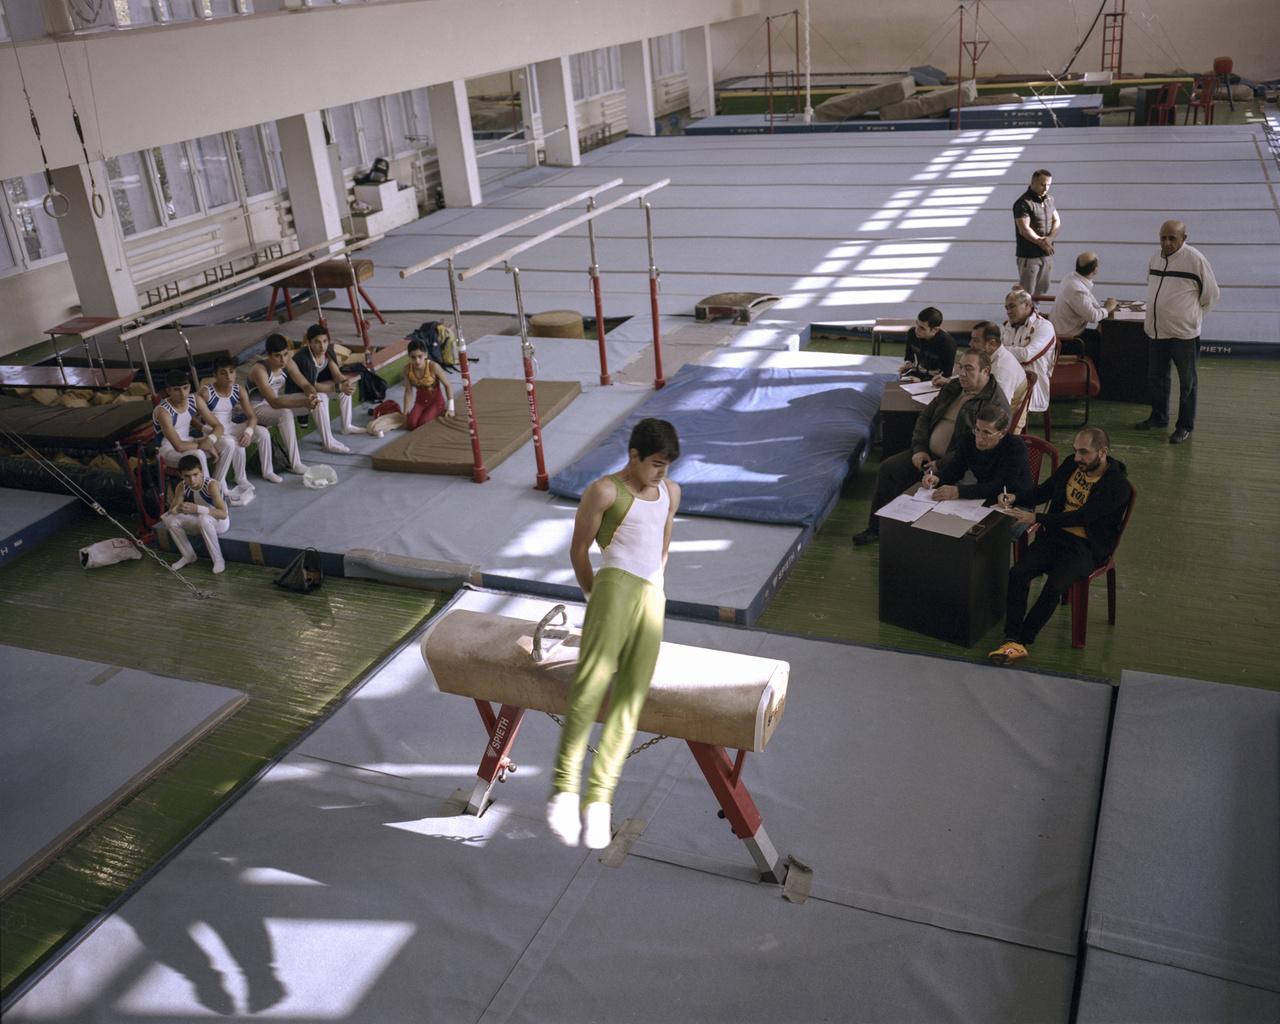 """Bár van egy-két jobb csarnok, mint a kétszeres olimpiai bajnok tornász Albert Azarjan terme, de nem ez az általános. A fűtetlen, bevilágítatlan, omló vakolatú és padló nélkül termek megszokottak, évtizedek óta rohadnak a sportlétesítmények, amelyek még a szovjet időkből maradtak meg. A fotós azzal is találkozott, hogy tornászgyerekek saját maguk varrták a szőnyegeket edzésen. """"Voltam egy vívóedzésen, ahol folyamatosan cserélgették a felszerelést. A gyerekeken lógott a felnőttekre szánt vívóruha."""""""